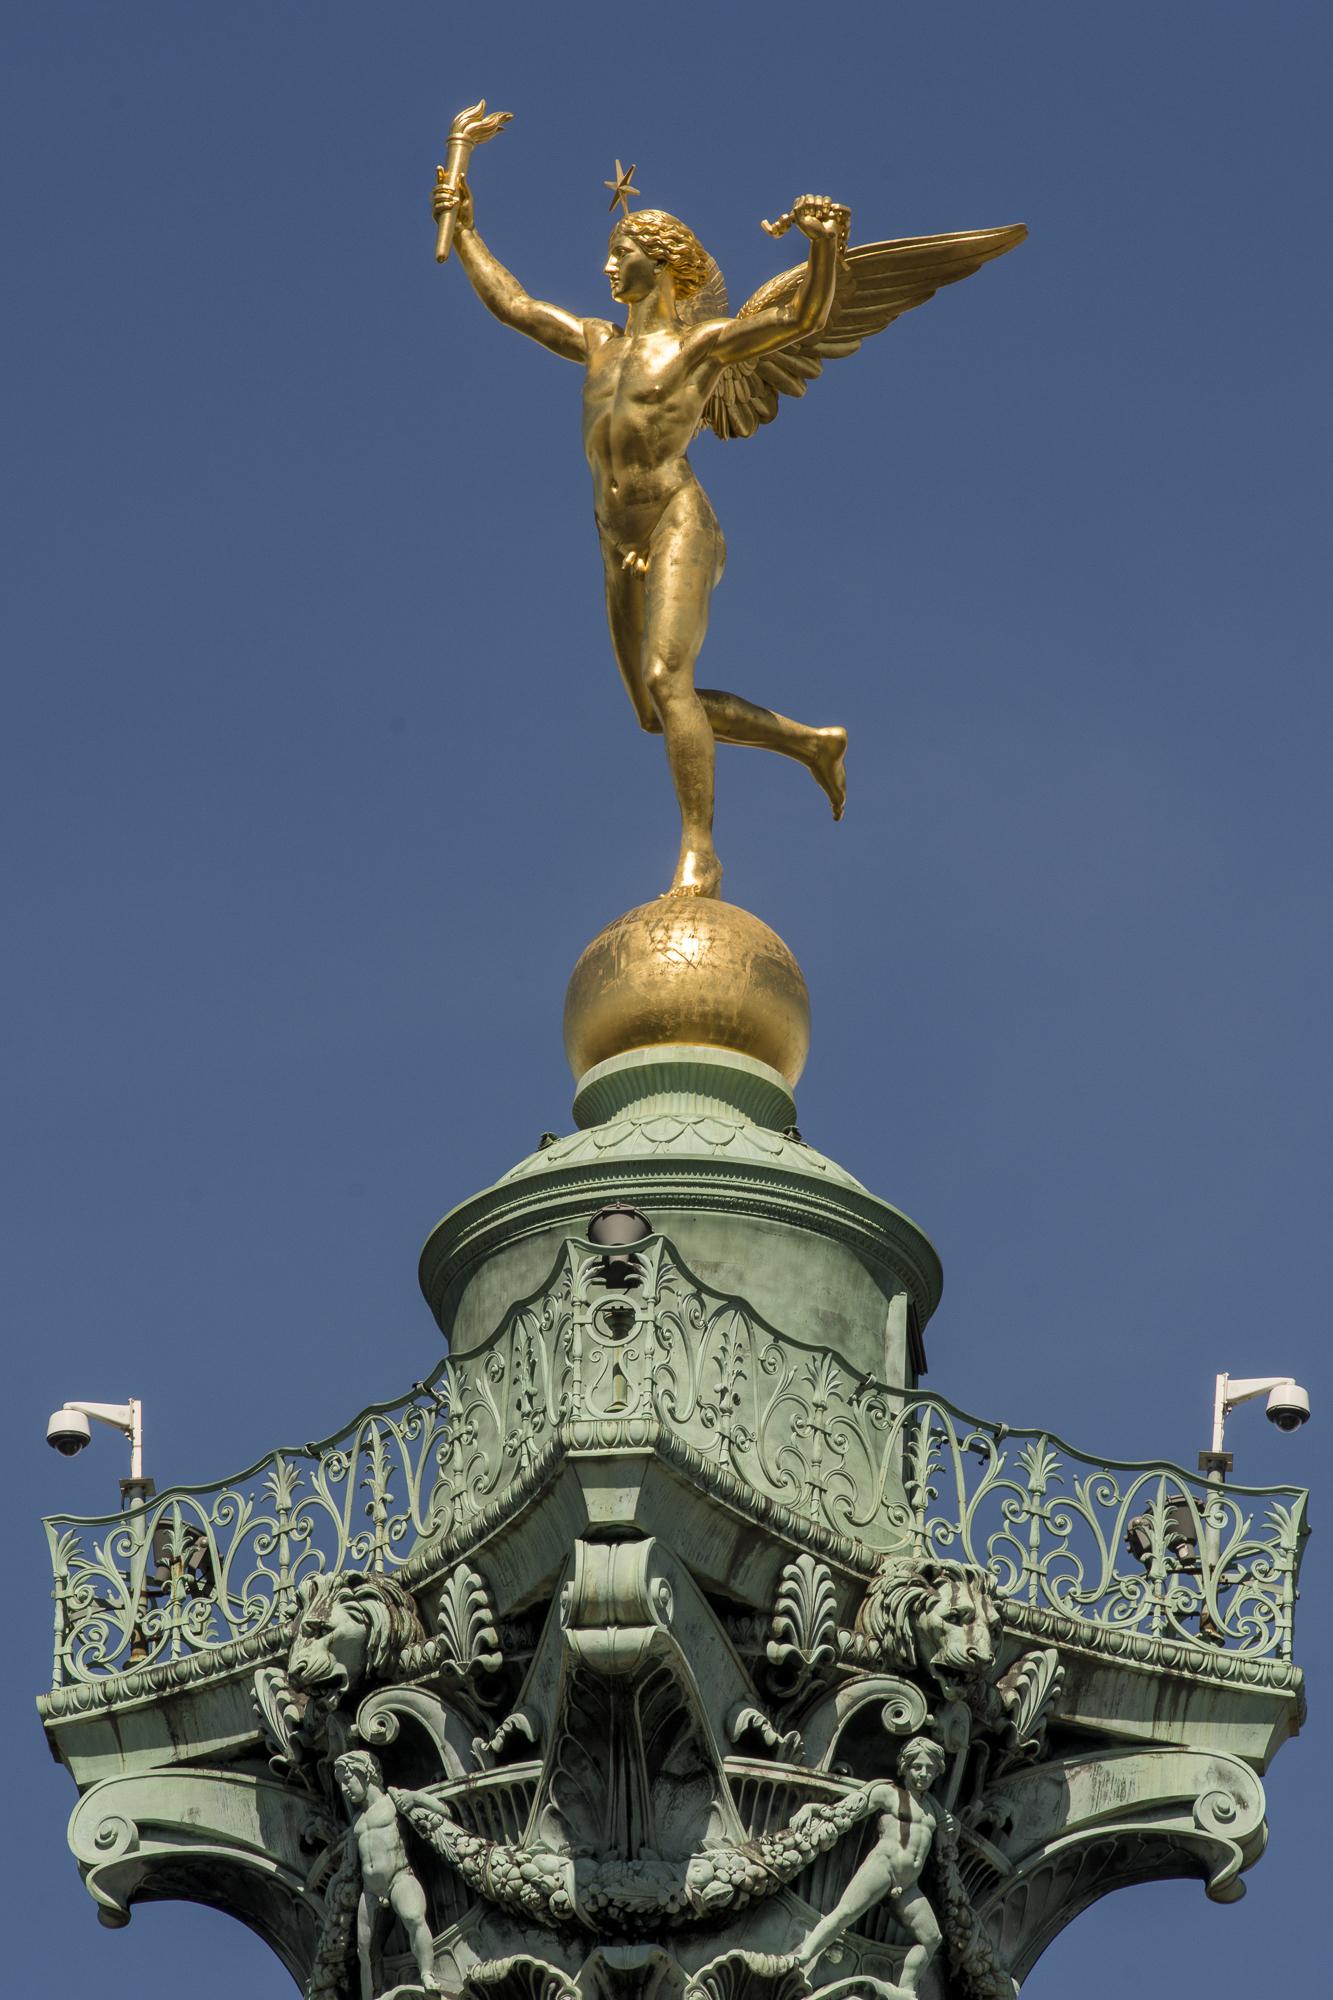 The Spirit of FreedoM - Place de la Bastille  PHOTOGRAPHY: ALEXANDER J.E. BRADLEY • NIKON D7100 • AF NIKKOR 80-200mm f/2.8 D ED @ 200MM • F/16 • 1/250 • ISO 100